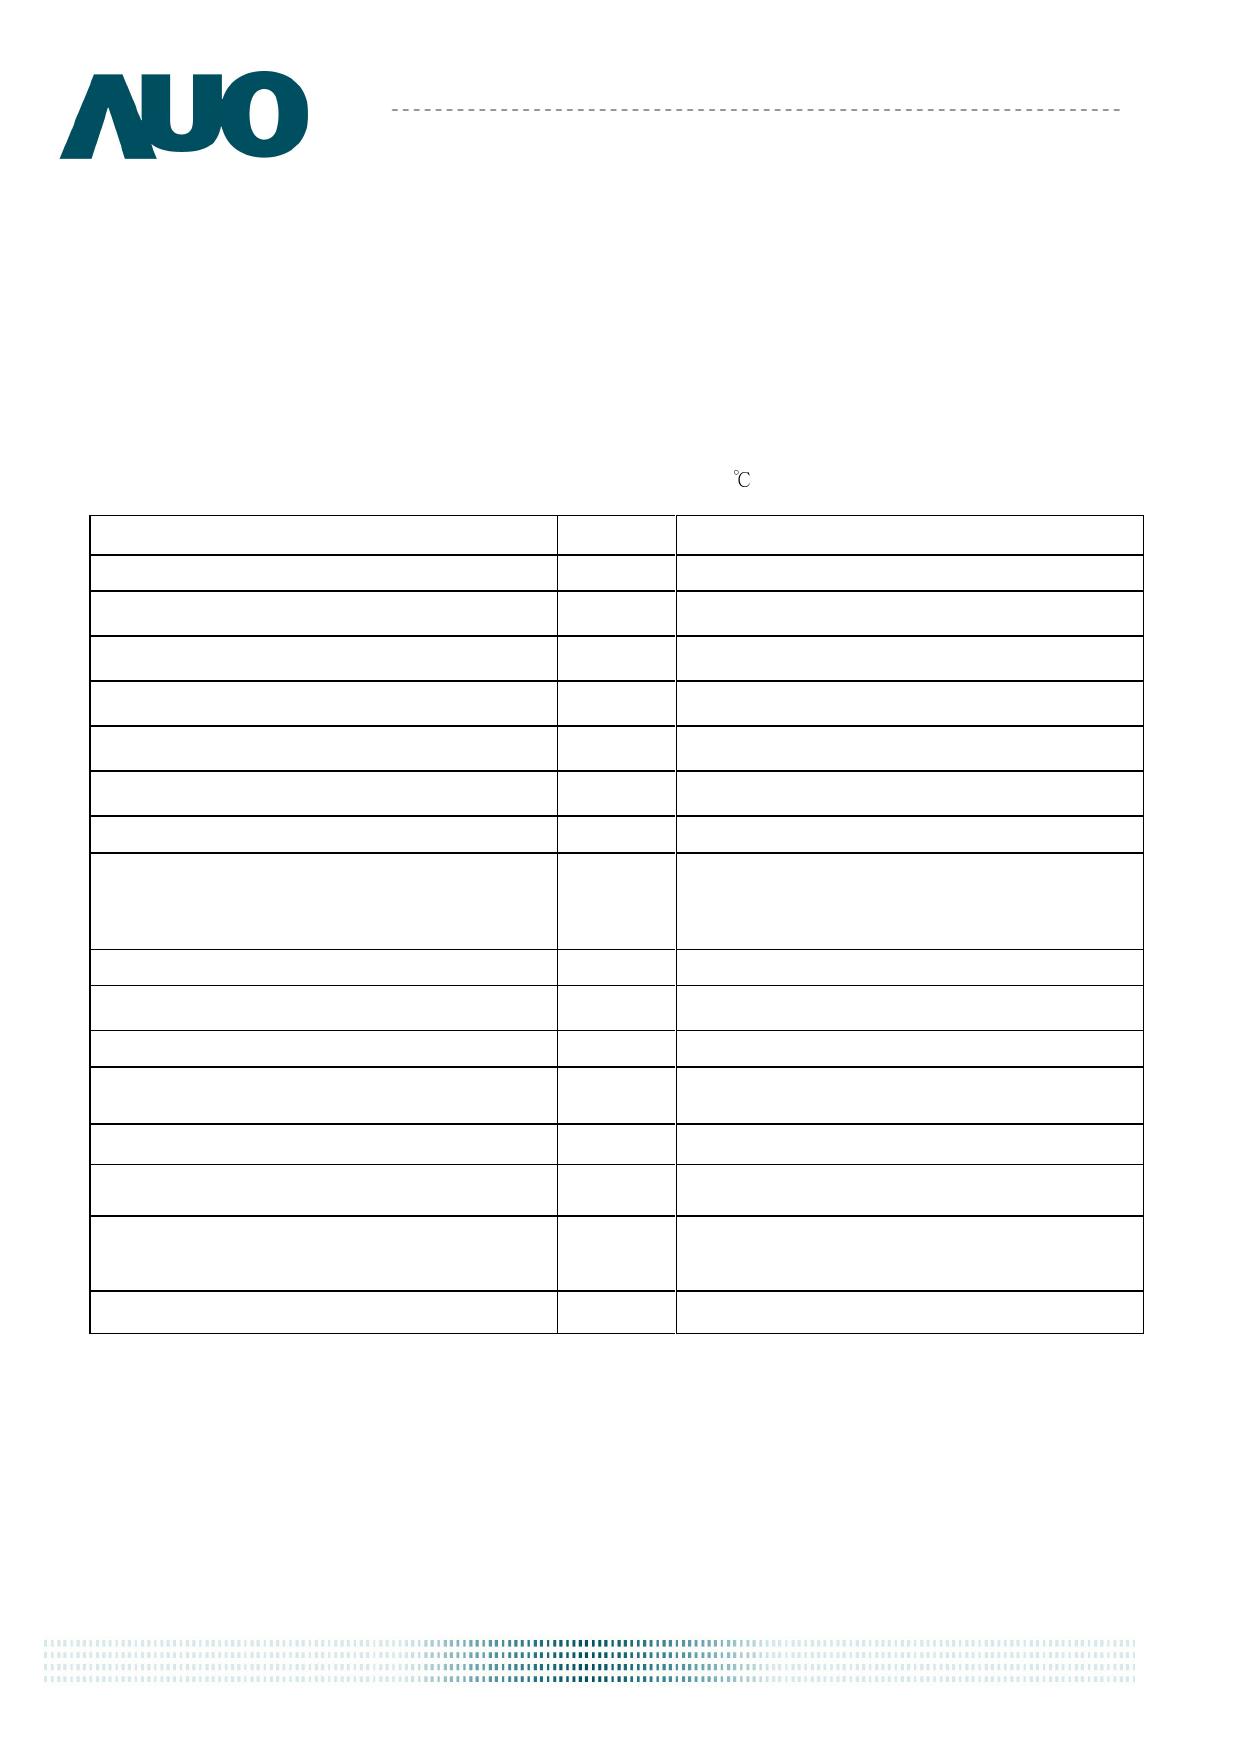 G065VN01-V1 pdf